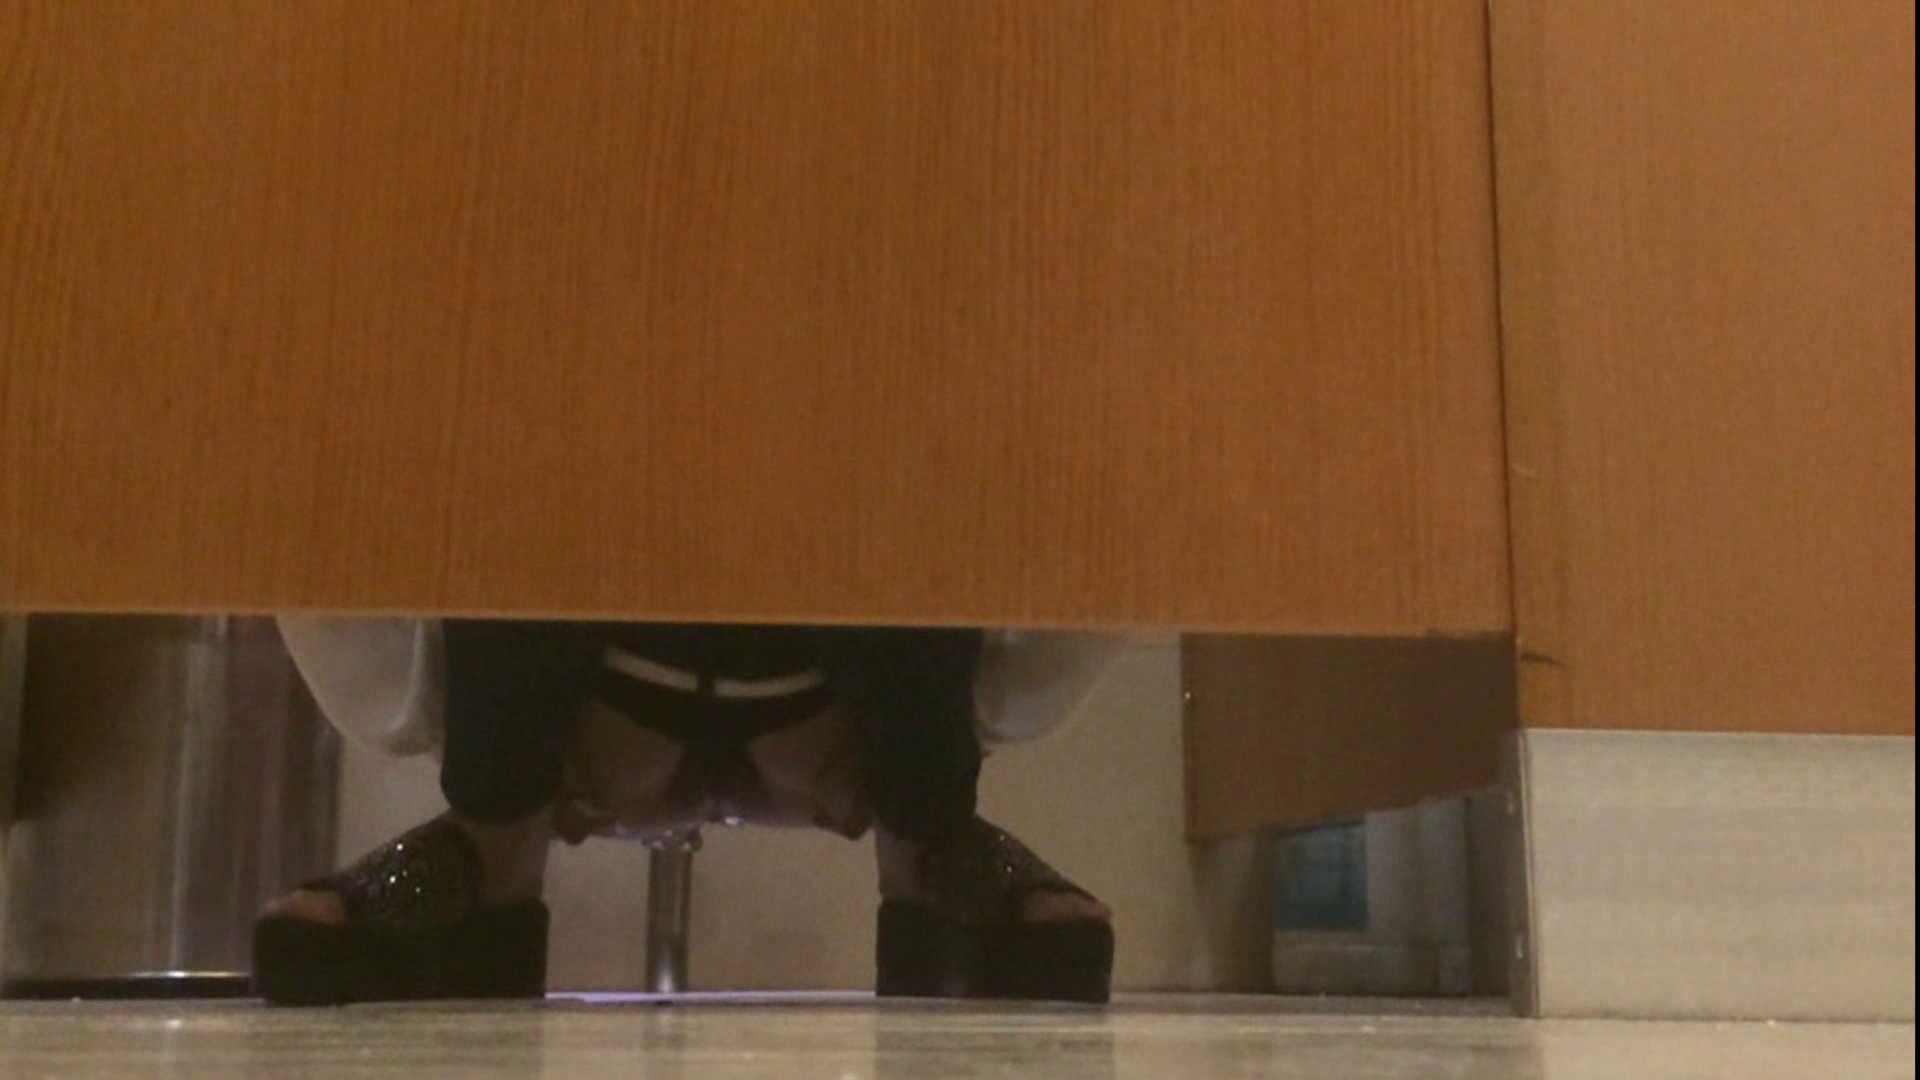 隣国化粧室下から御免!! No.14 洗面所 | お姉さん攻略  107画像 37